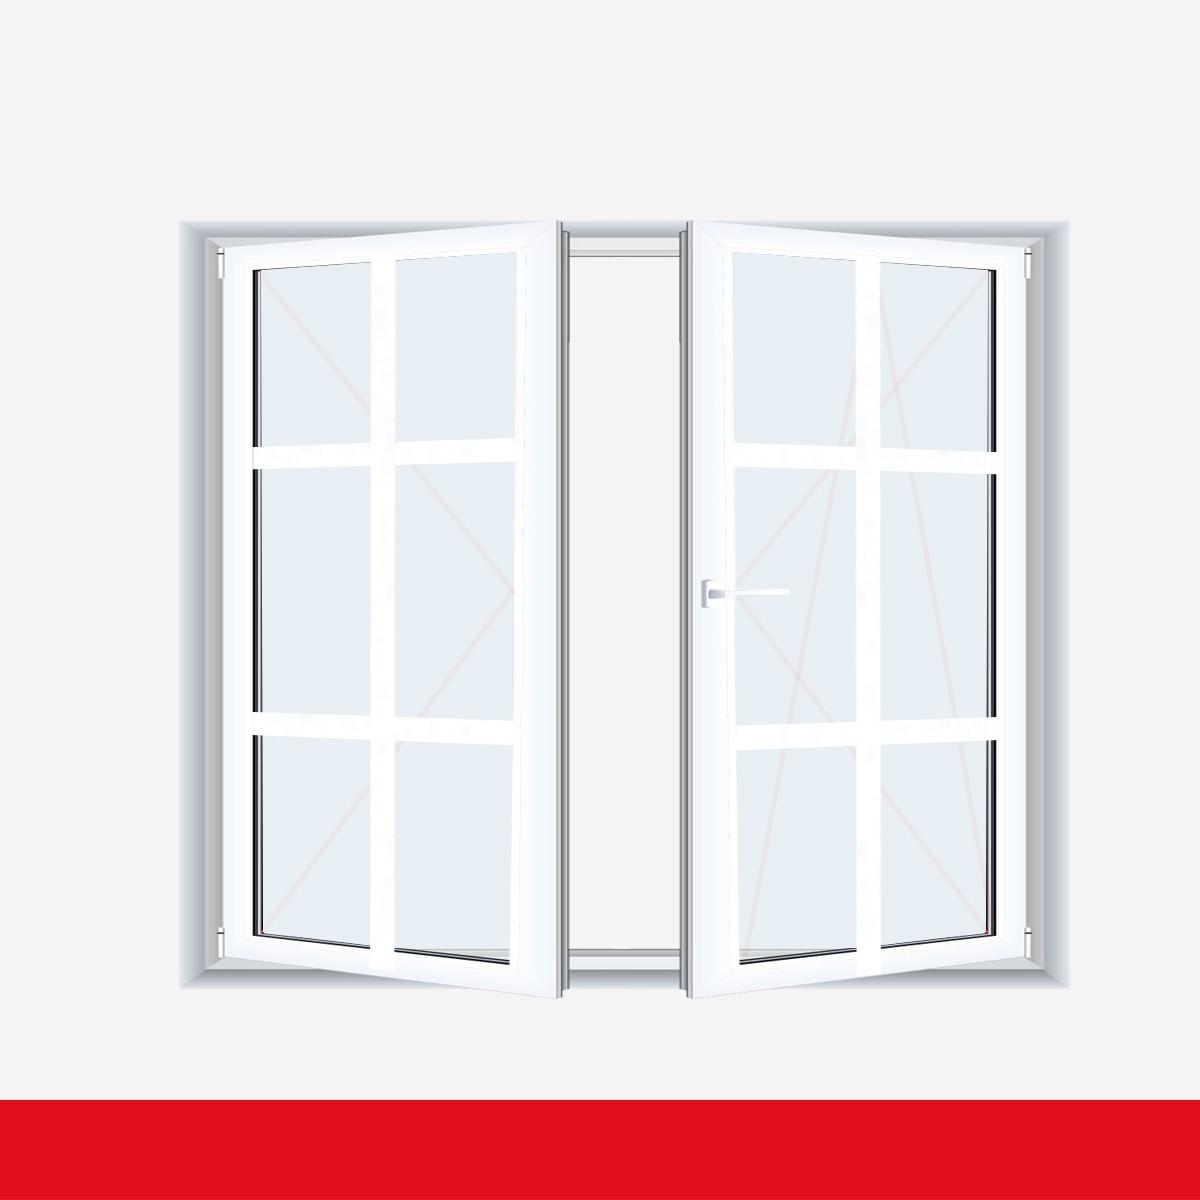 Full Size of Fenster 120x120 Sicherheitsfolie Insektenschutzrollo Sicherheitsbeschläge Nachrüsten Ebay Salamander Einbruchschutz Velux Einbauen Sonnenschutzfolie Aron Fenster Fenster 120x120